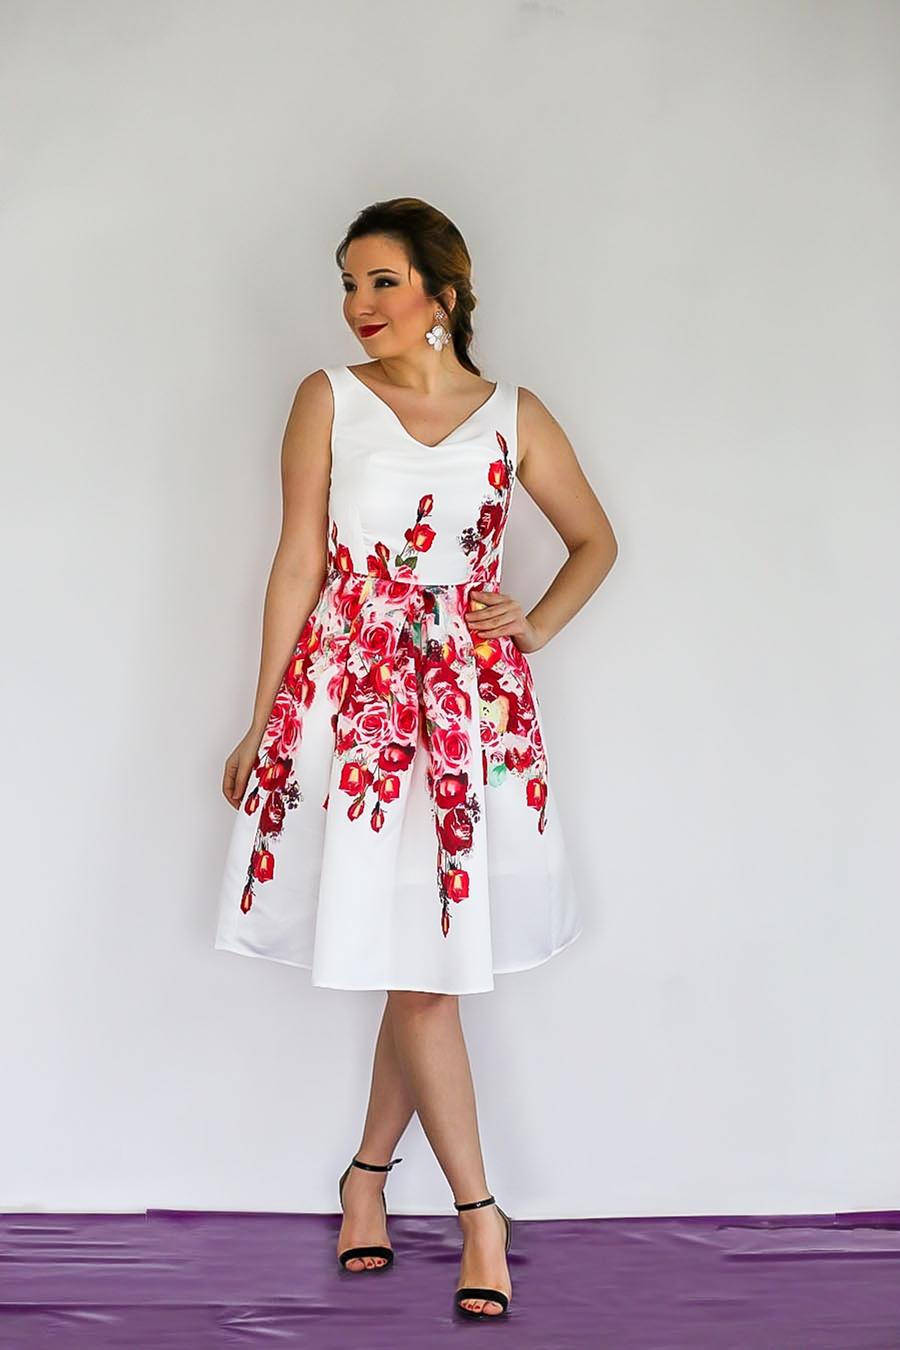 Rochie alba cu imprimeu floral, lungime midi